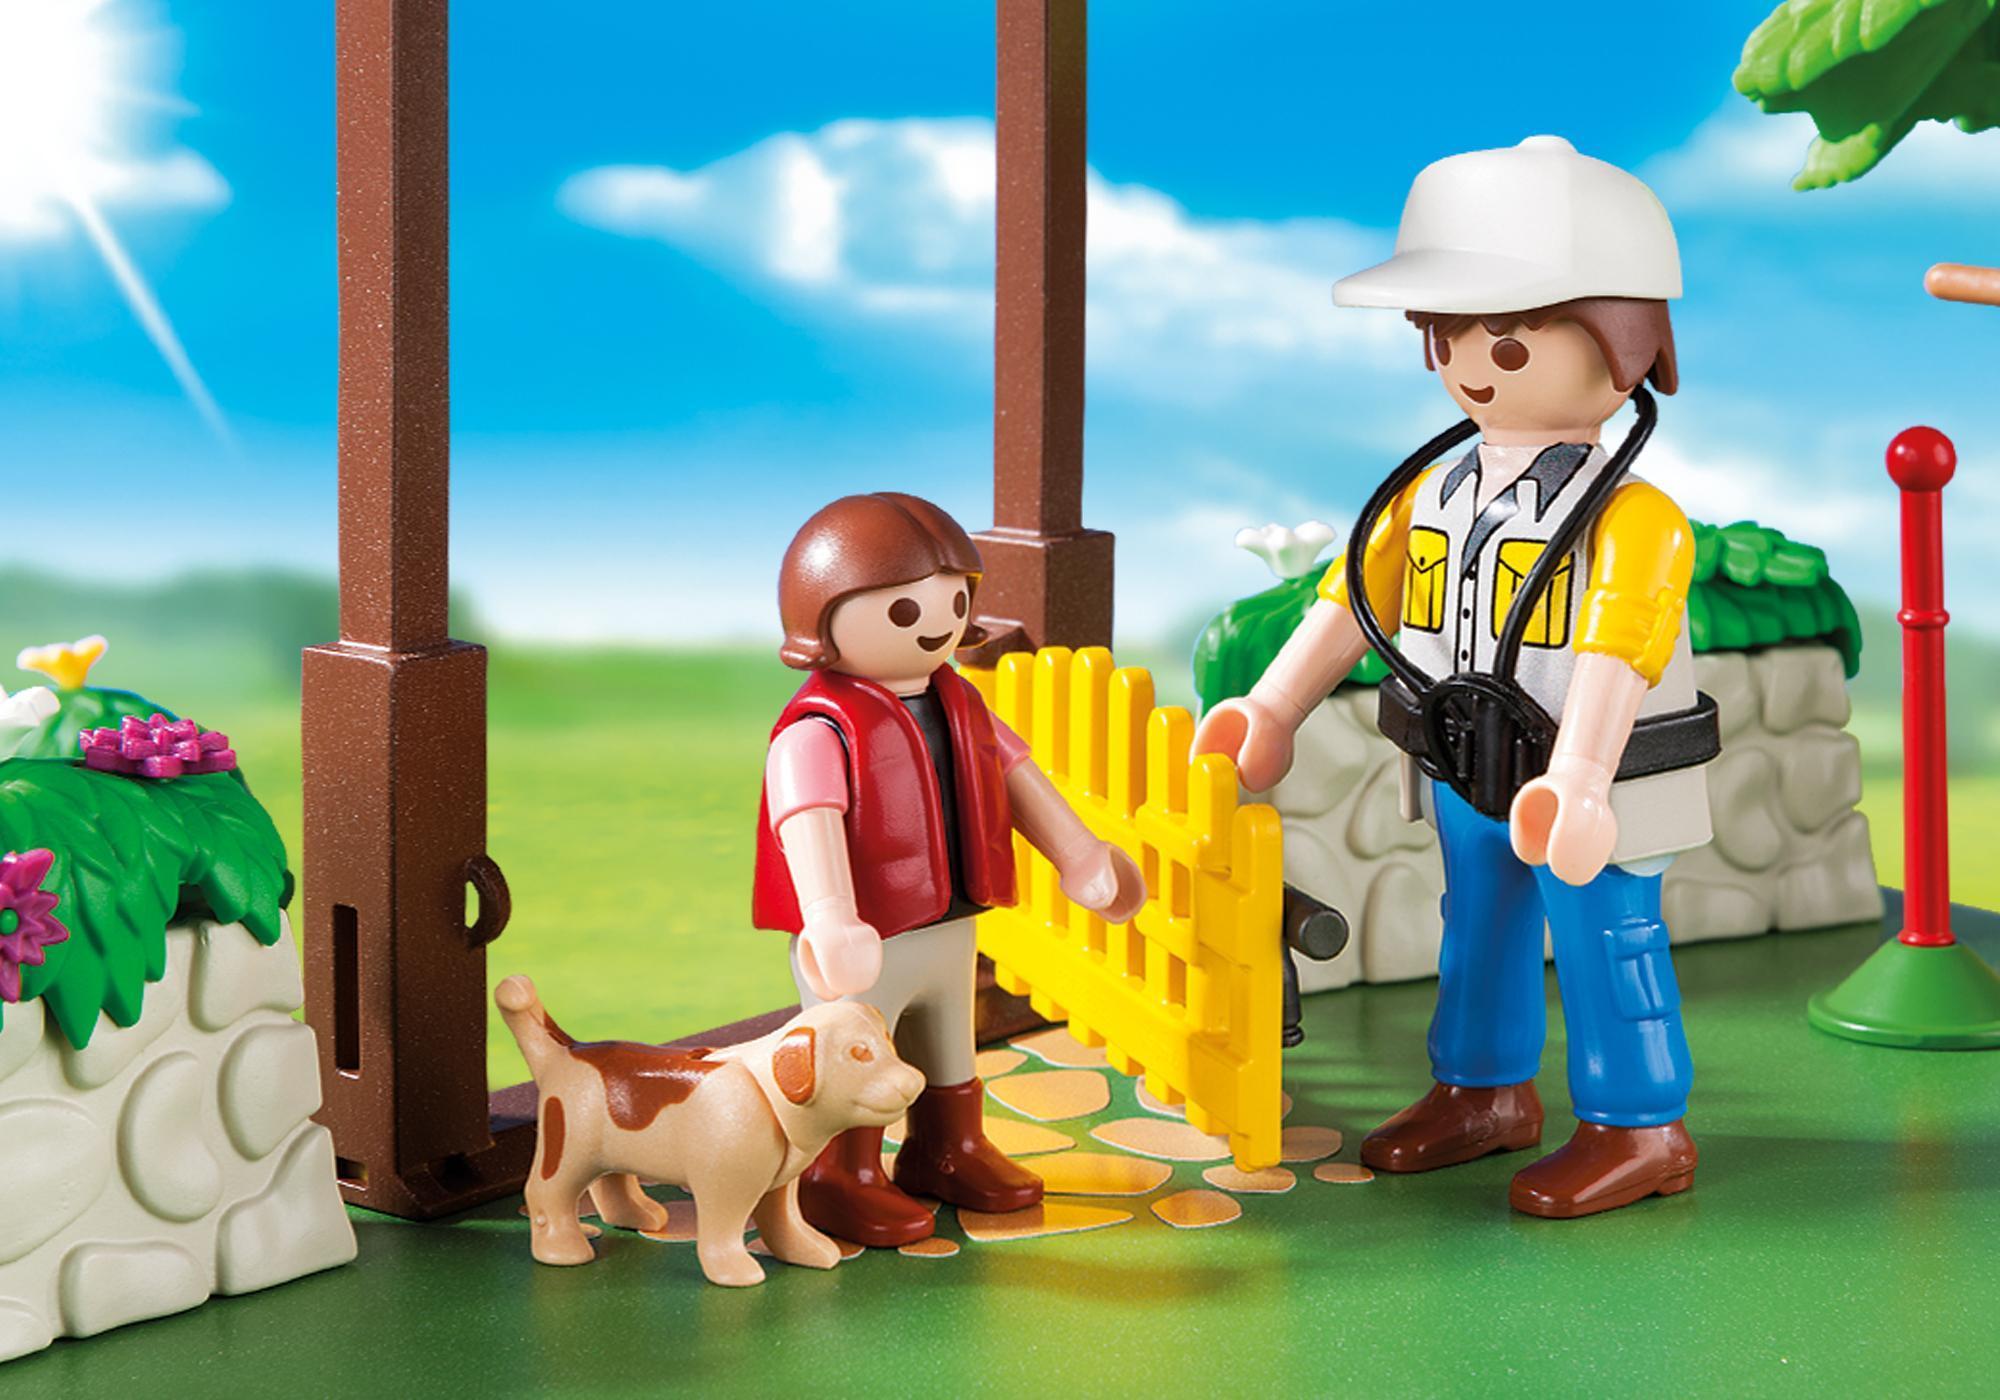 http://media.playmobil.com/i/playmobil/6145_product_extra1/SuperSet Centre de dressage pour chiens